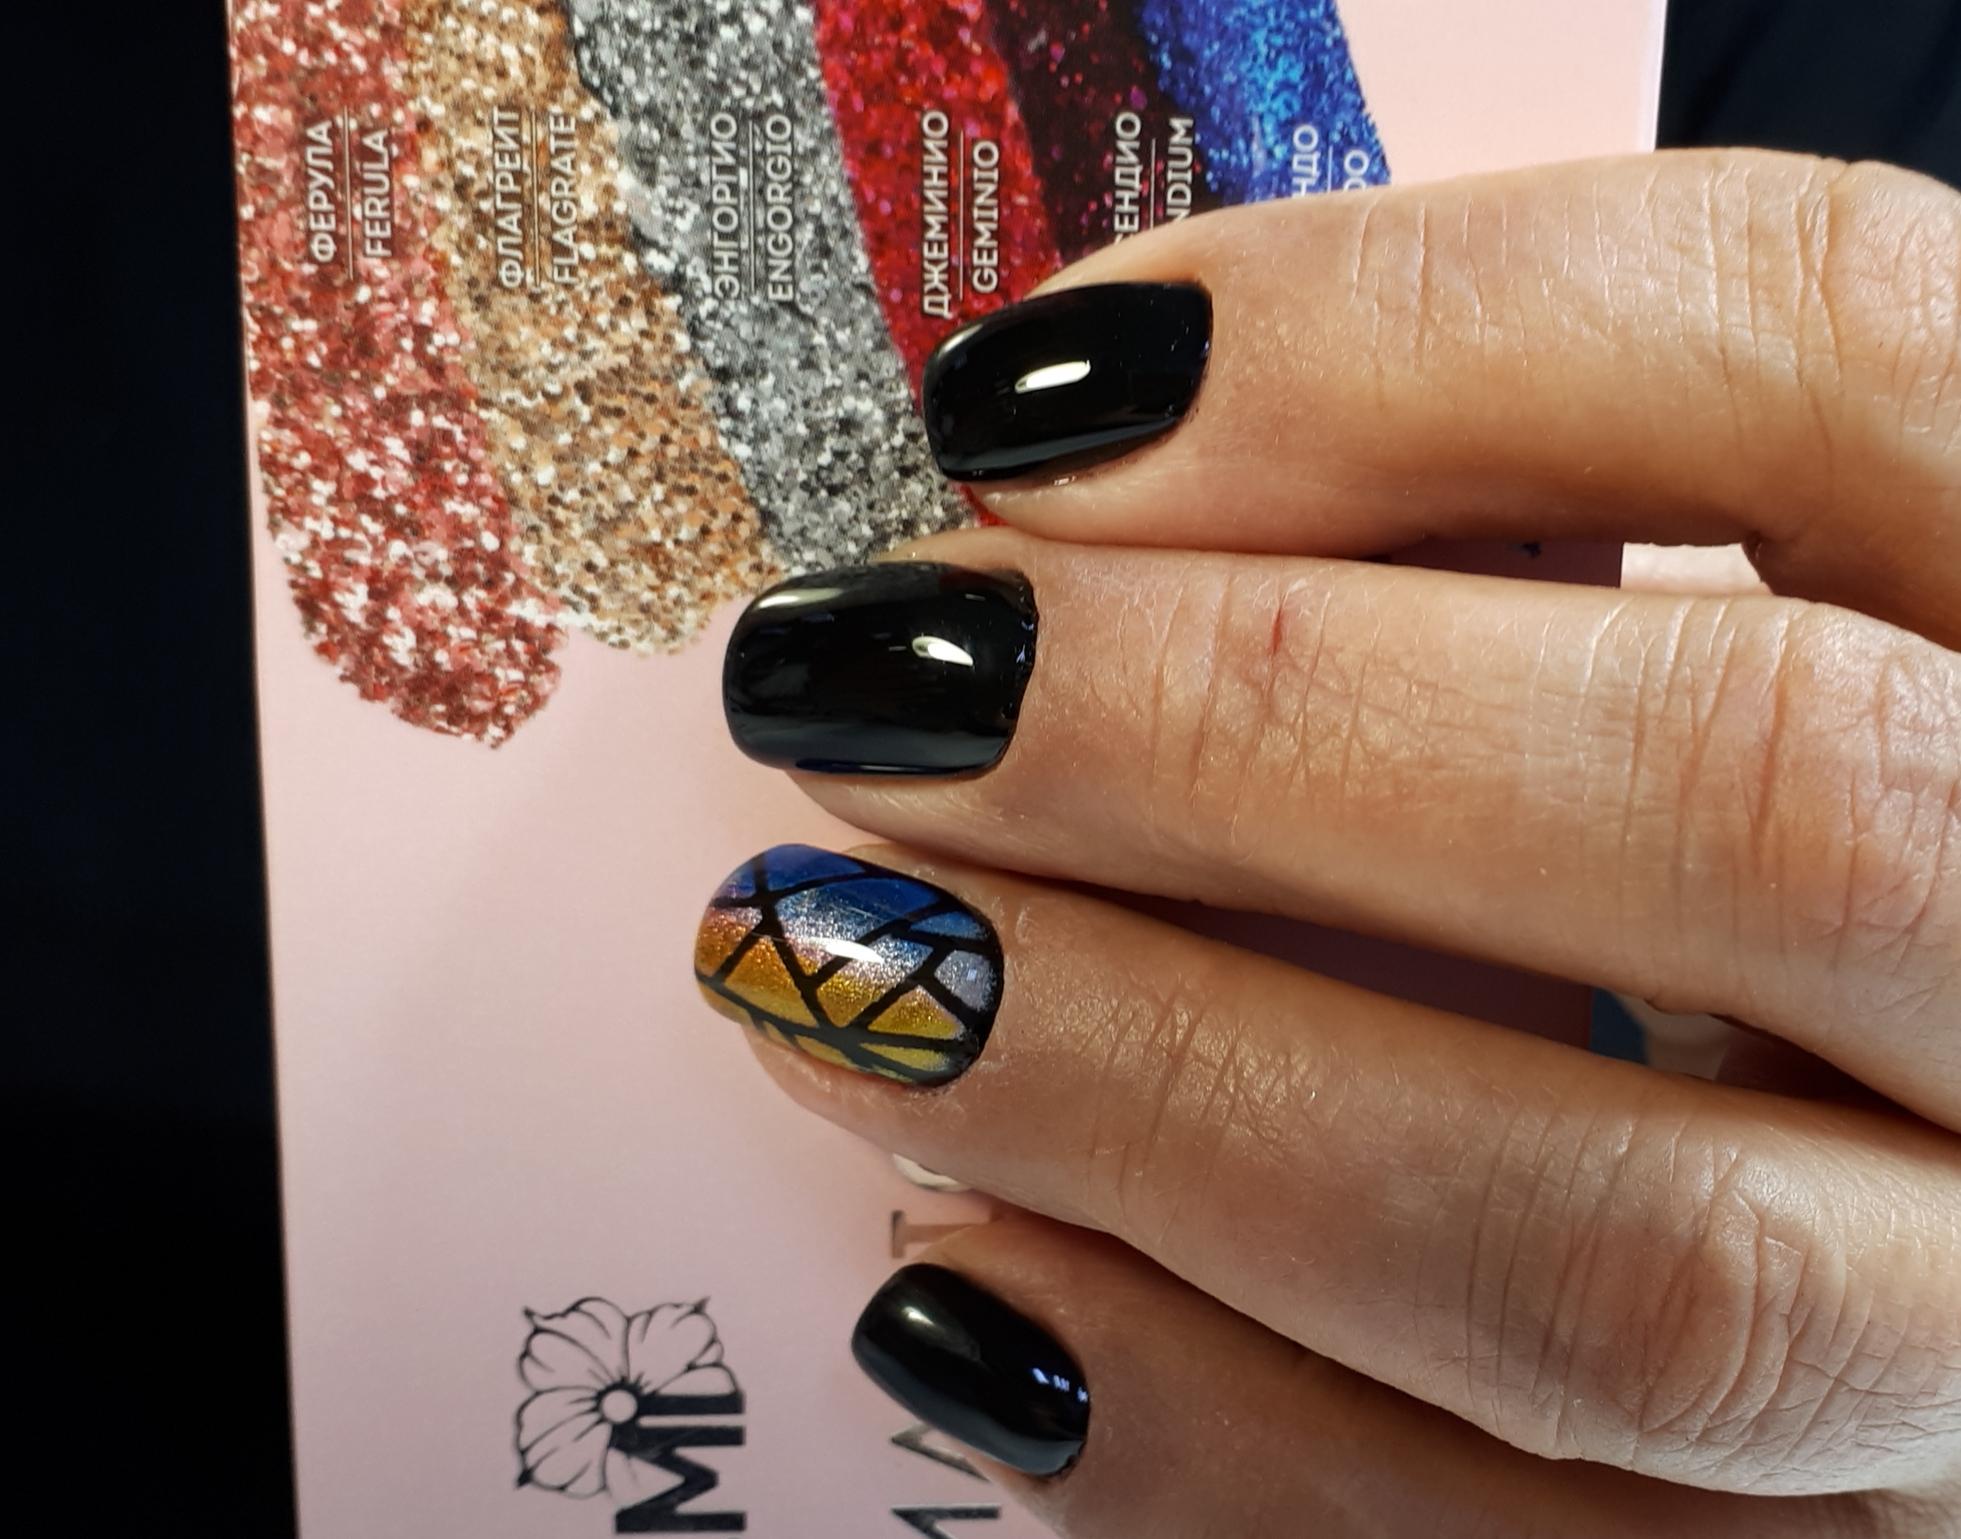 Однотонный маникюр в чёрном цвете с контрастным дизайном битое стекло.